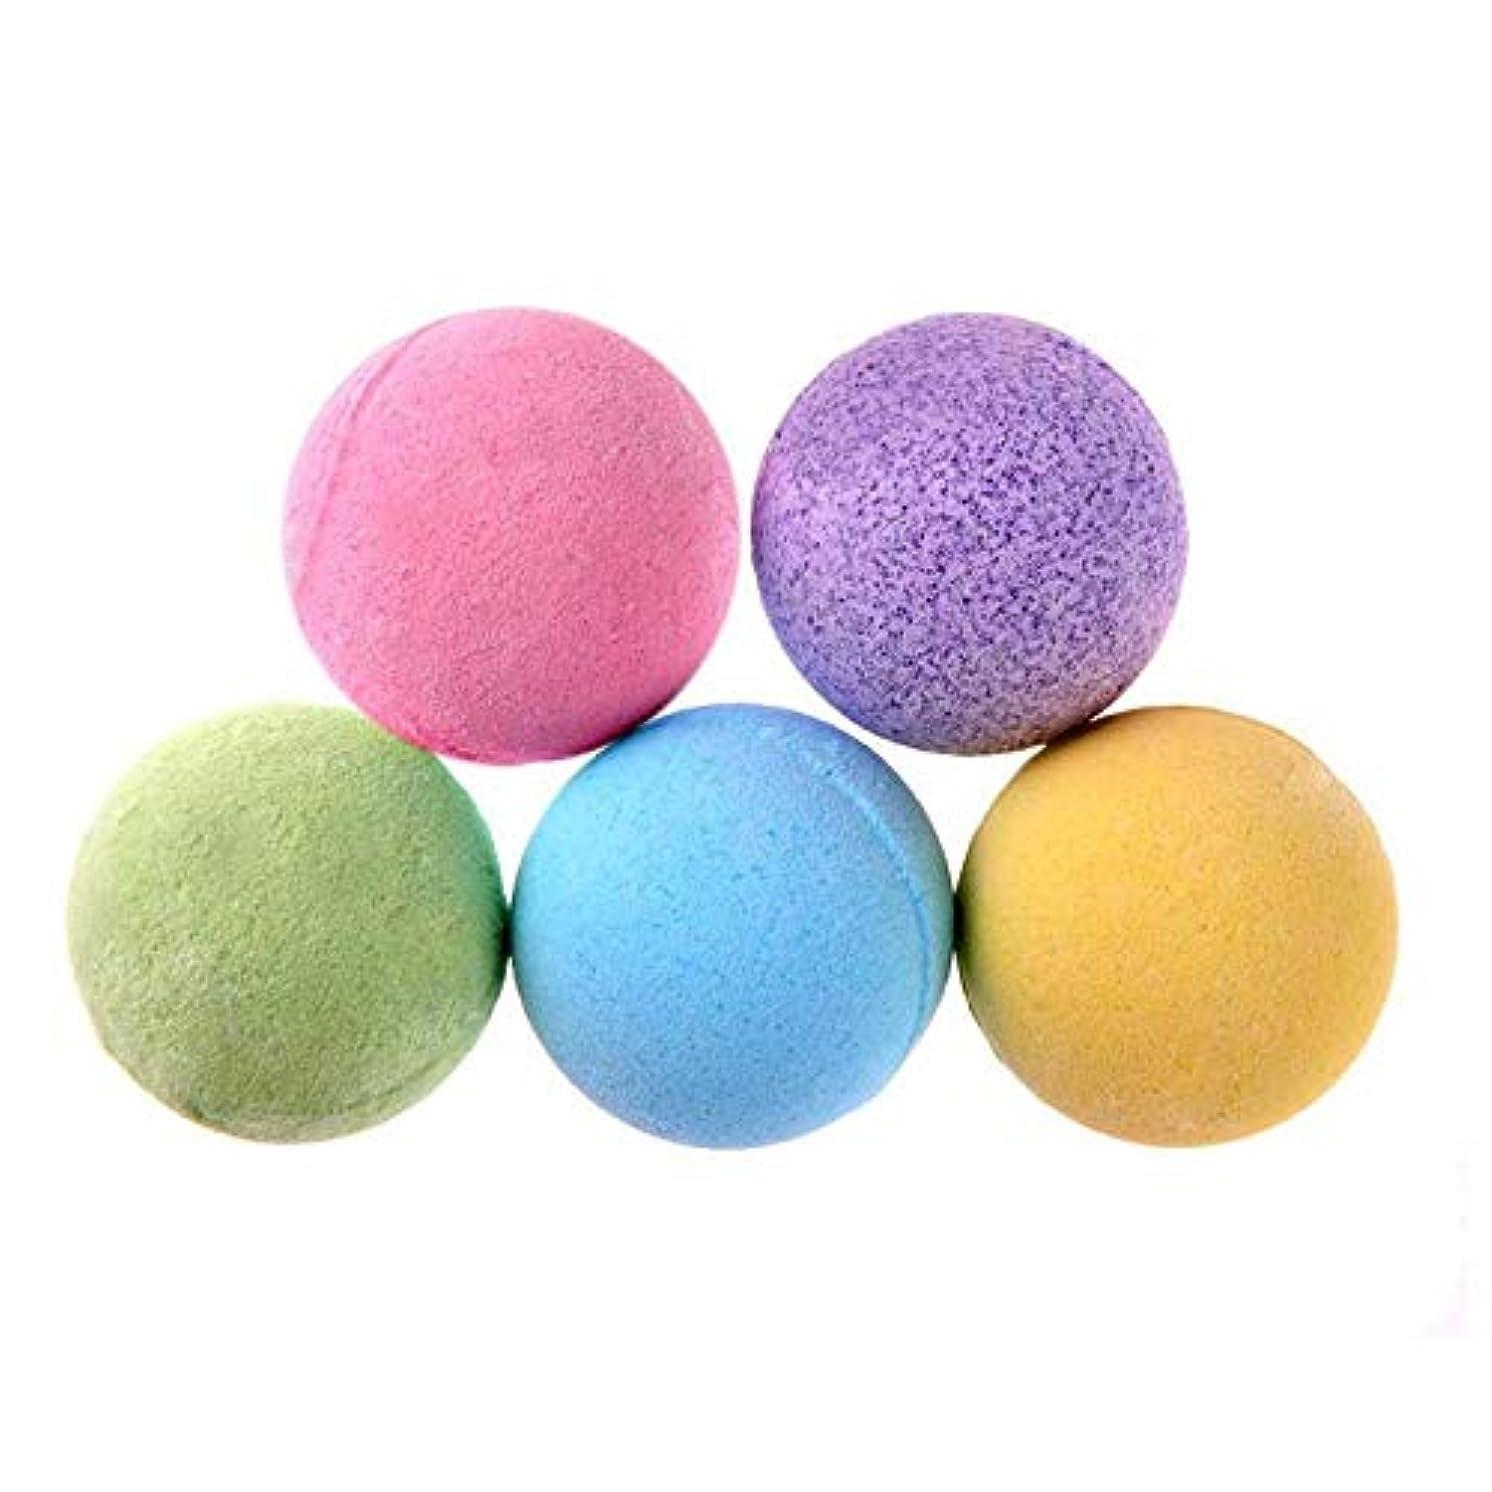 つづり言うジュラシックパークHot 10pc 10g Organic Bath Salt Body Essential Oil Bath Ball Natural Bubble Bath Bombs Ball Rose/Green tea/Lavender...